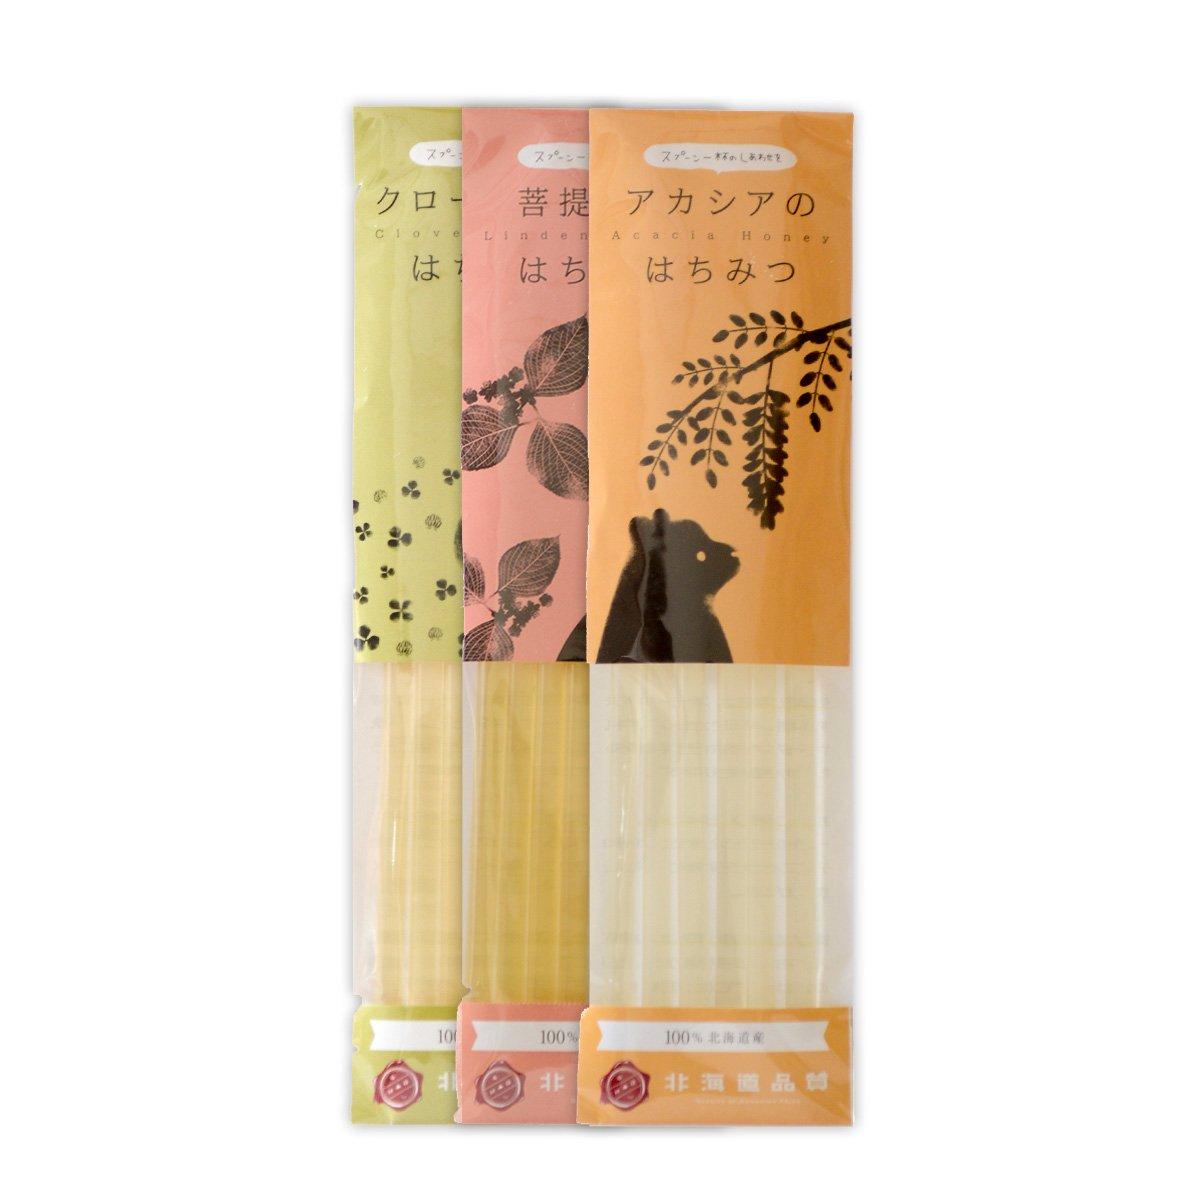 北海道産 はちみつストロー 3点セット(6g×6本入 各1袋)